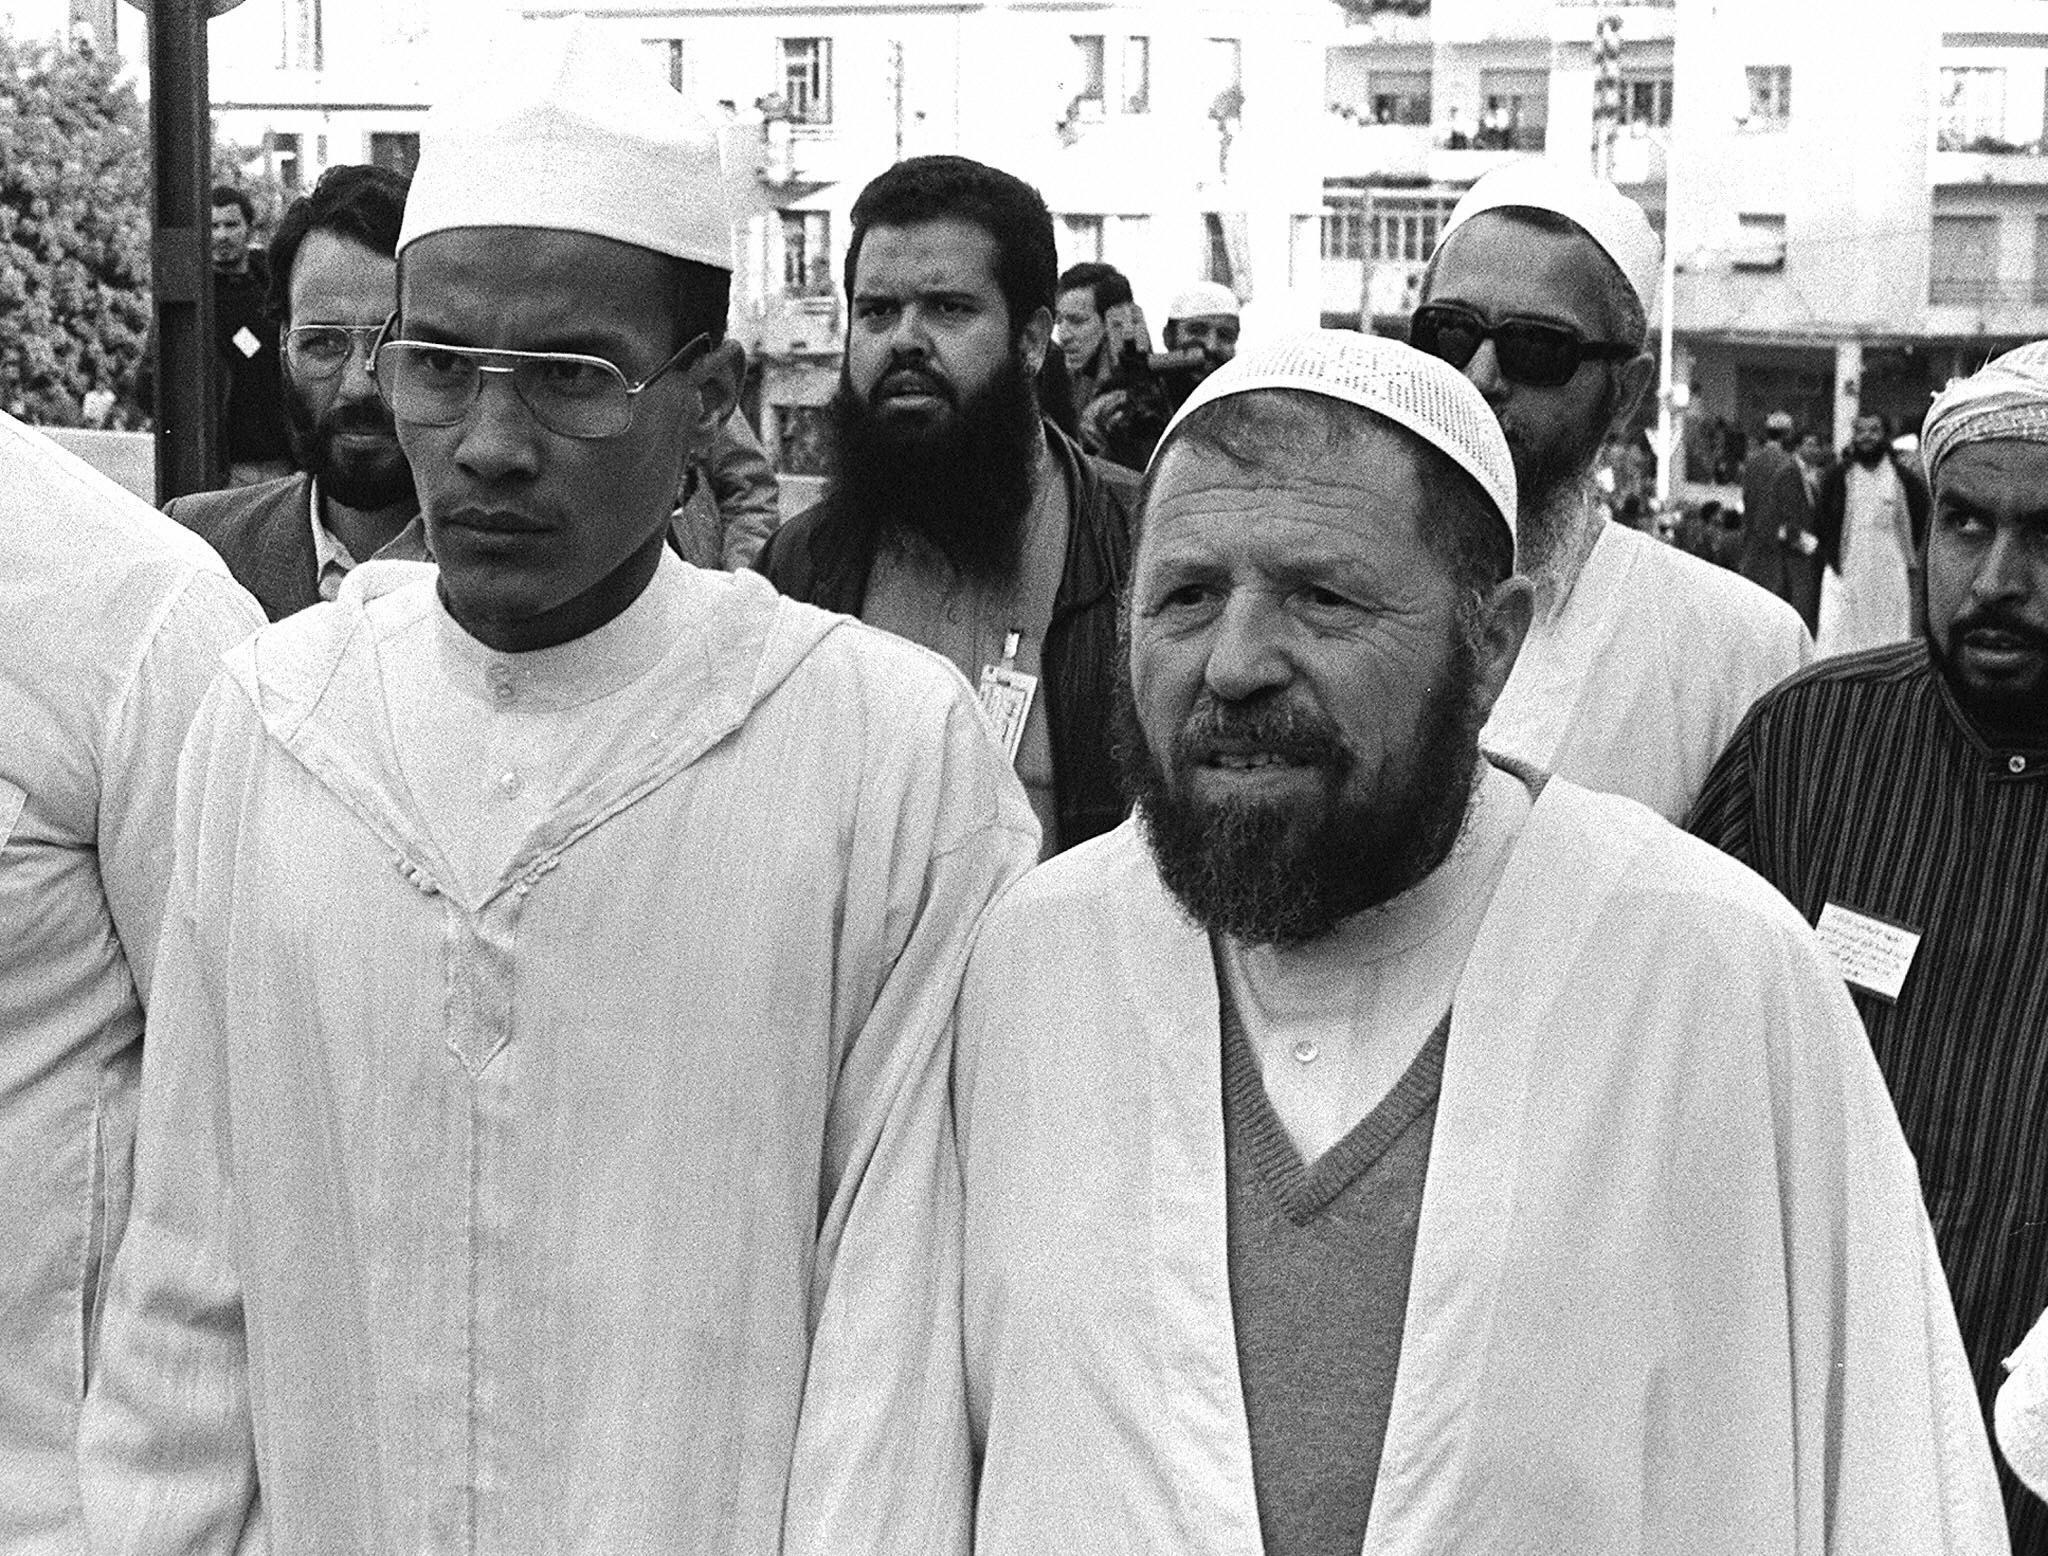 عباسي مدني (يمين الصورة) رفقة علي بلحاج